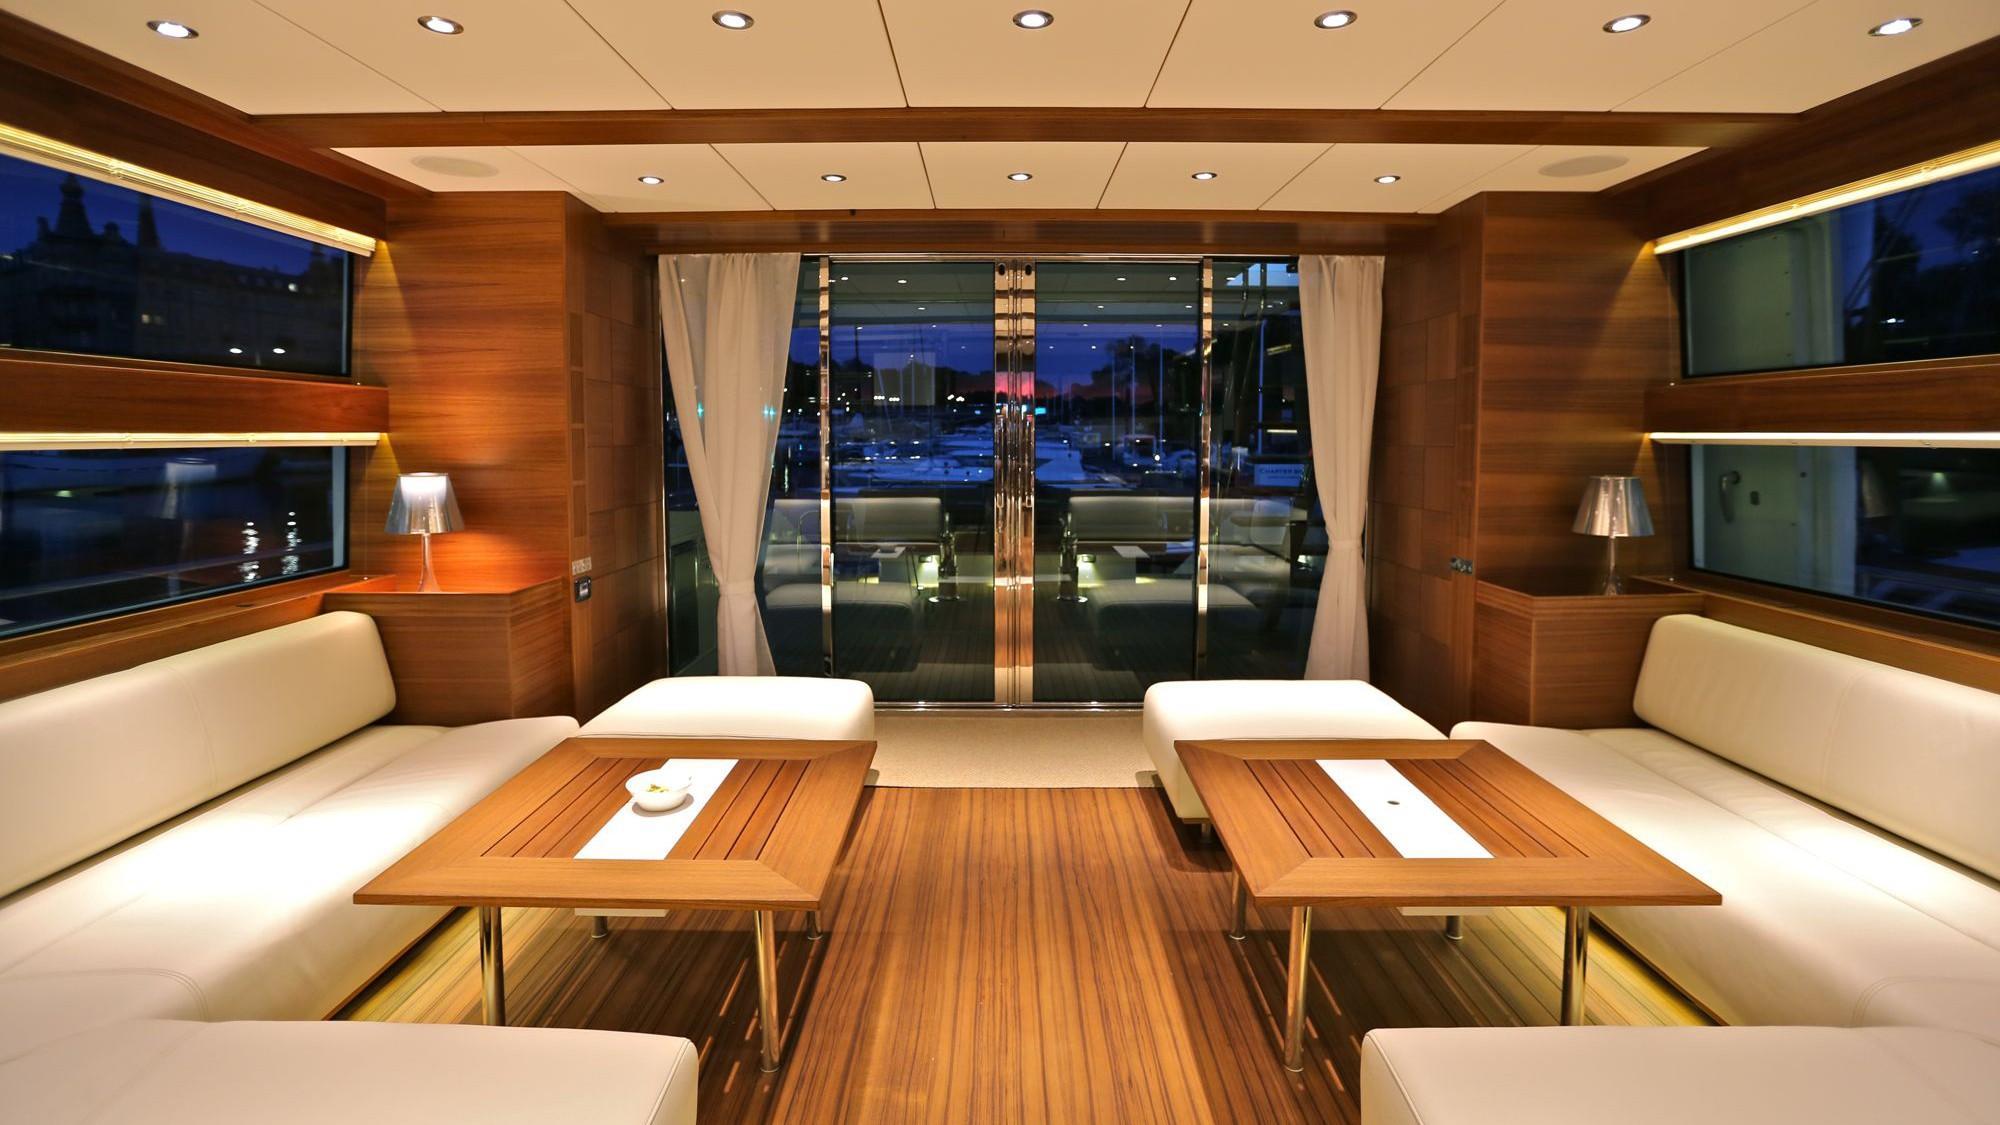 Delta carbon 88 yacht salon aft